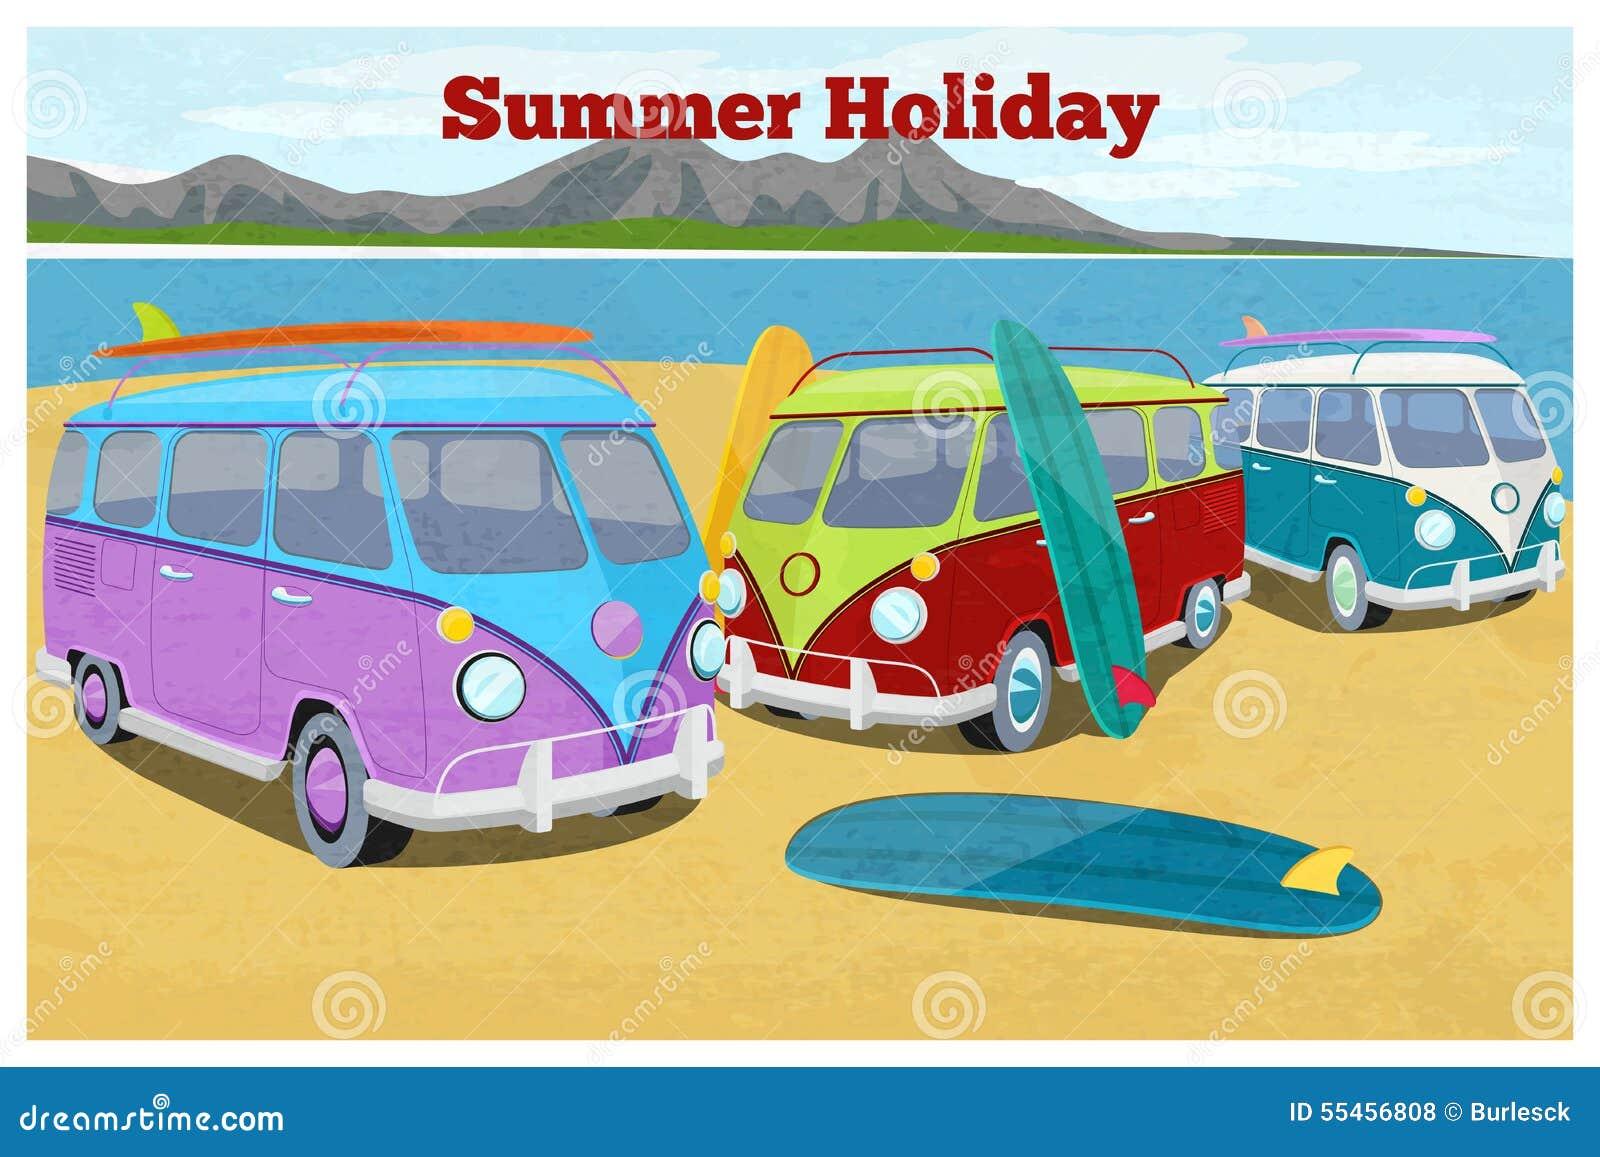 Summer Travel Design With Surfing Camper Van